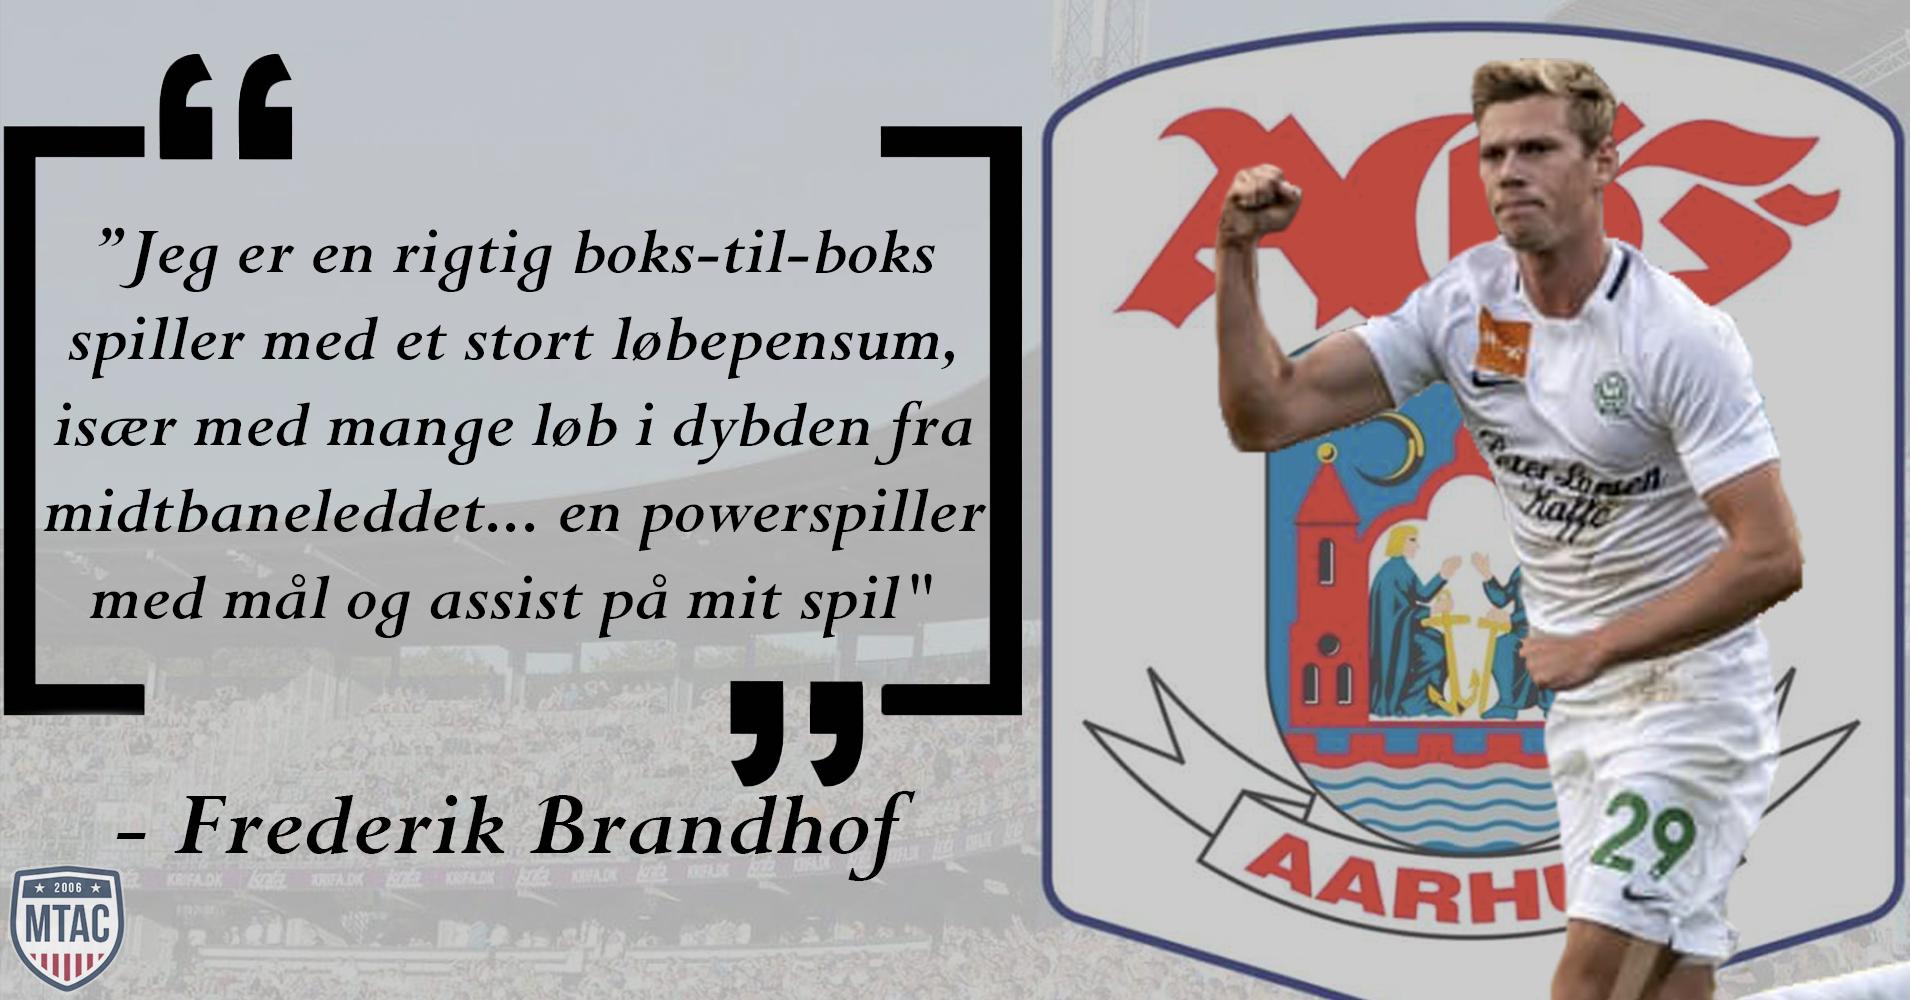 www.morethanaclub.dk